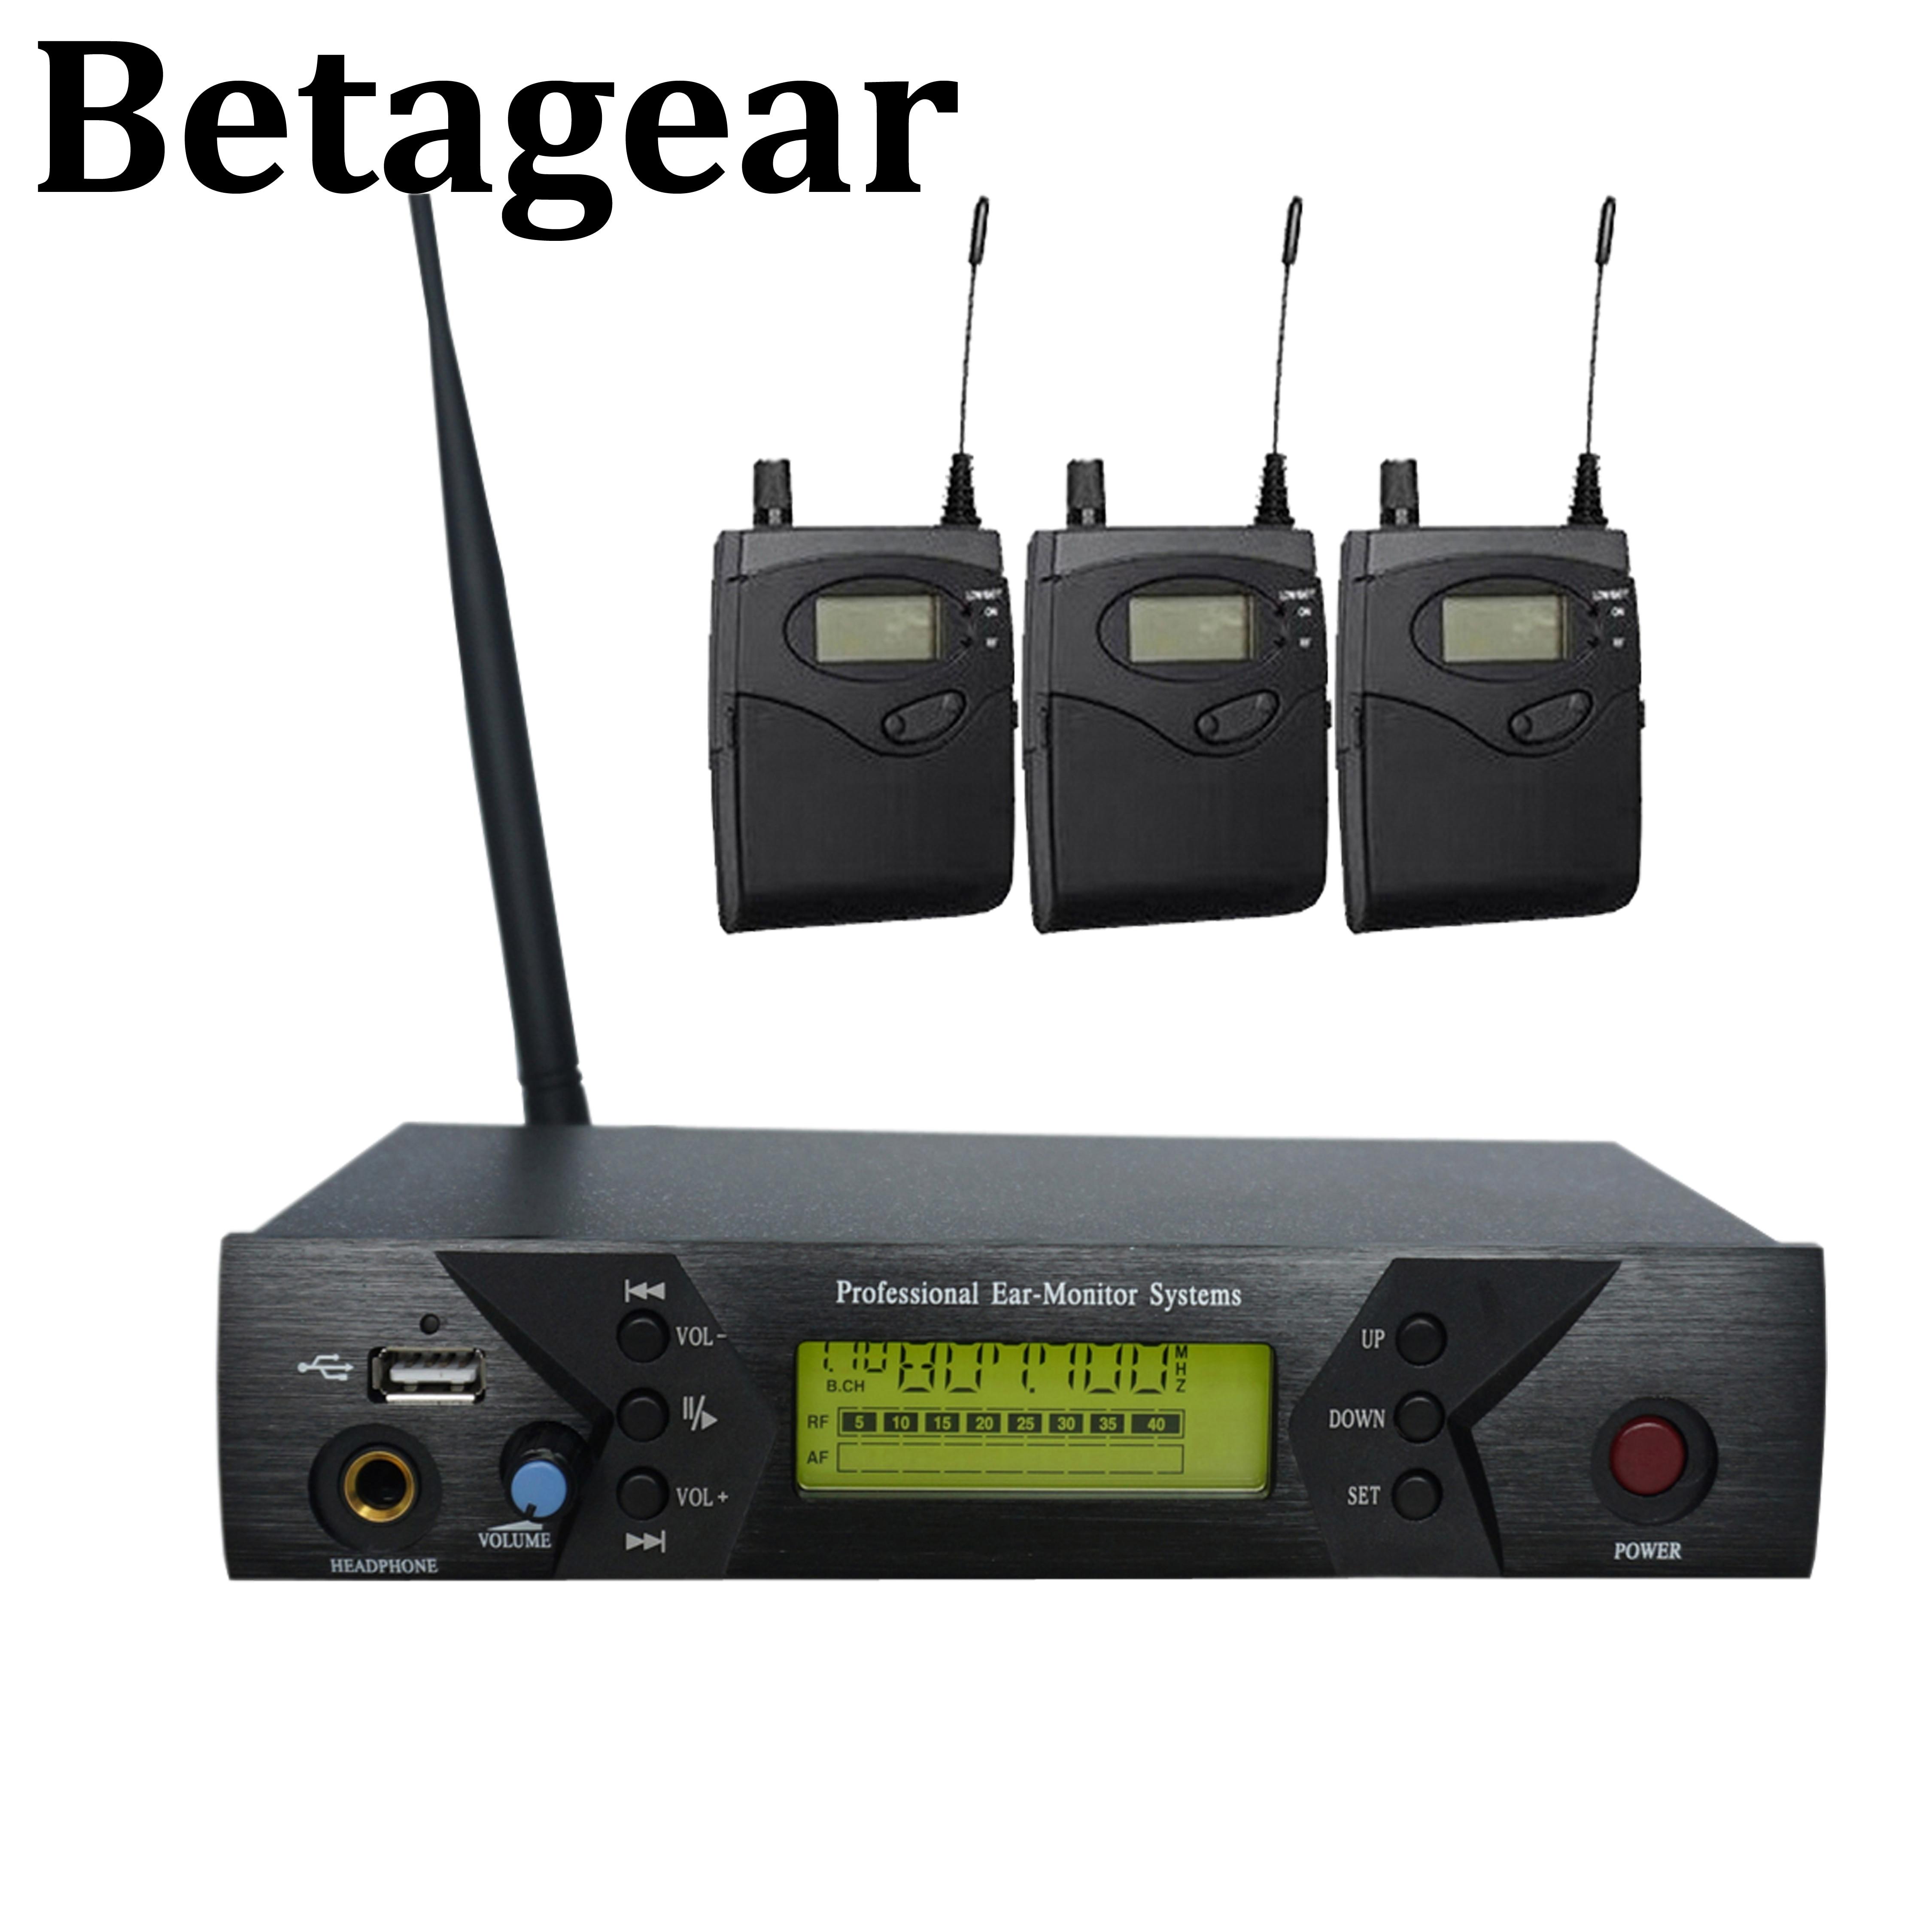 Betagear BK-510 drahtlose in-ear-monitor-system überwachung bühne ohr monitore persönliche in-ohr monitor wireless system für bühne